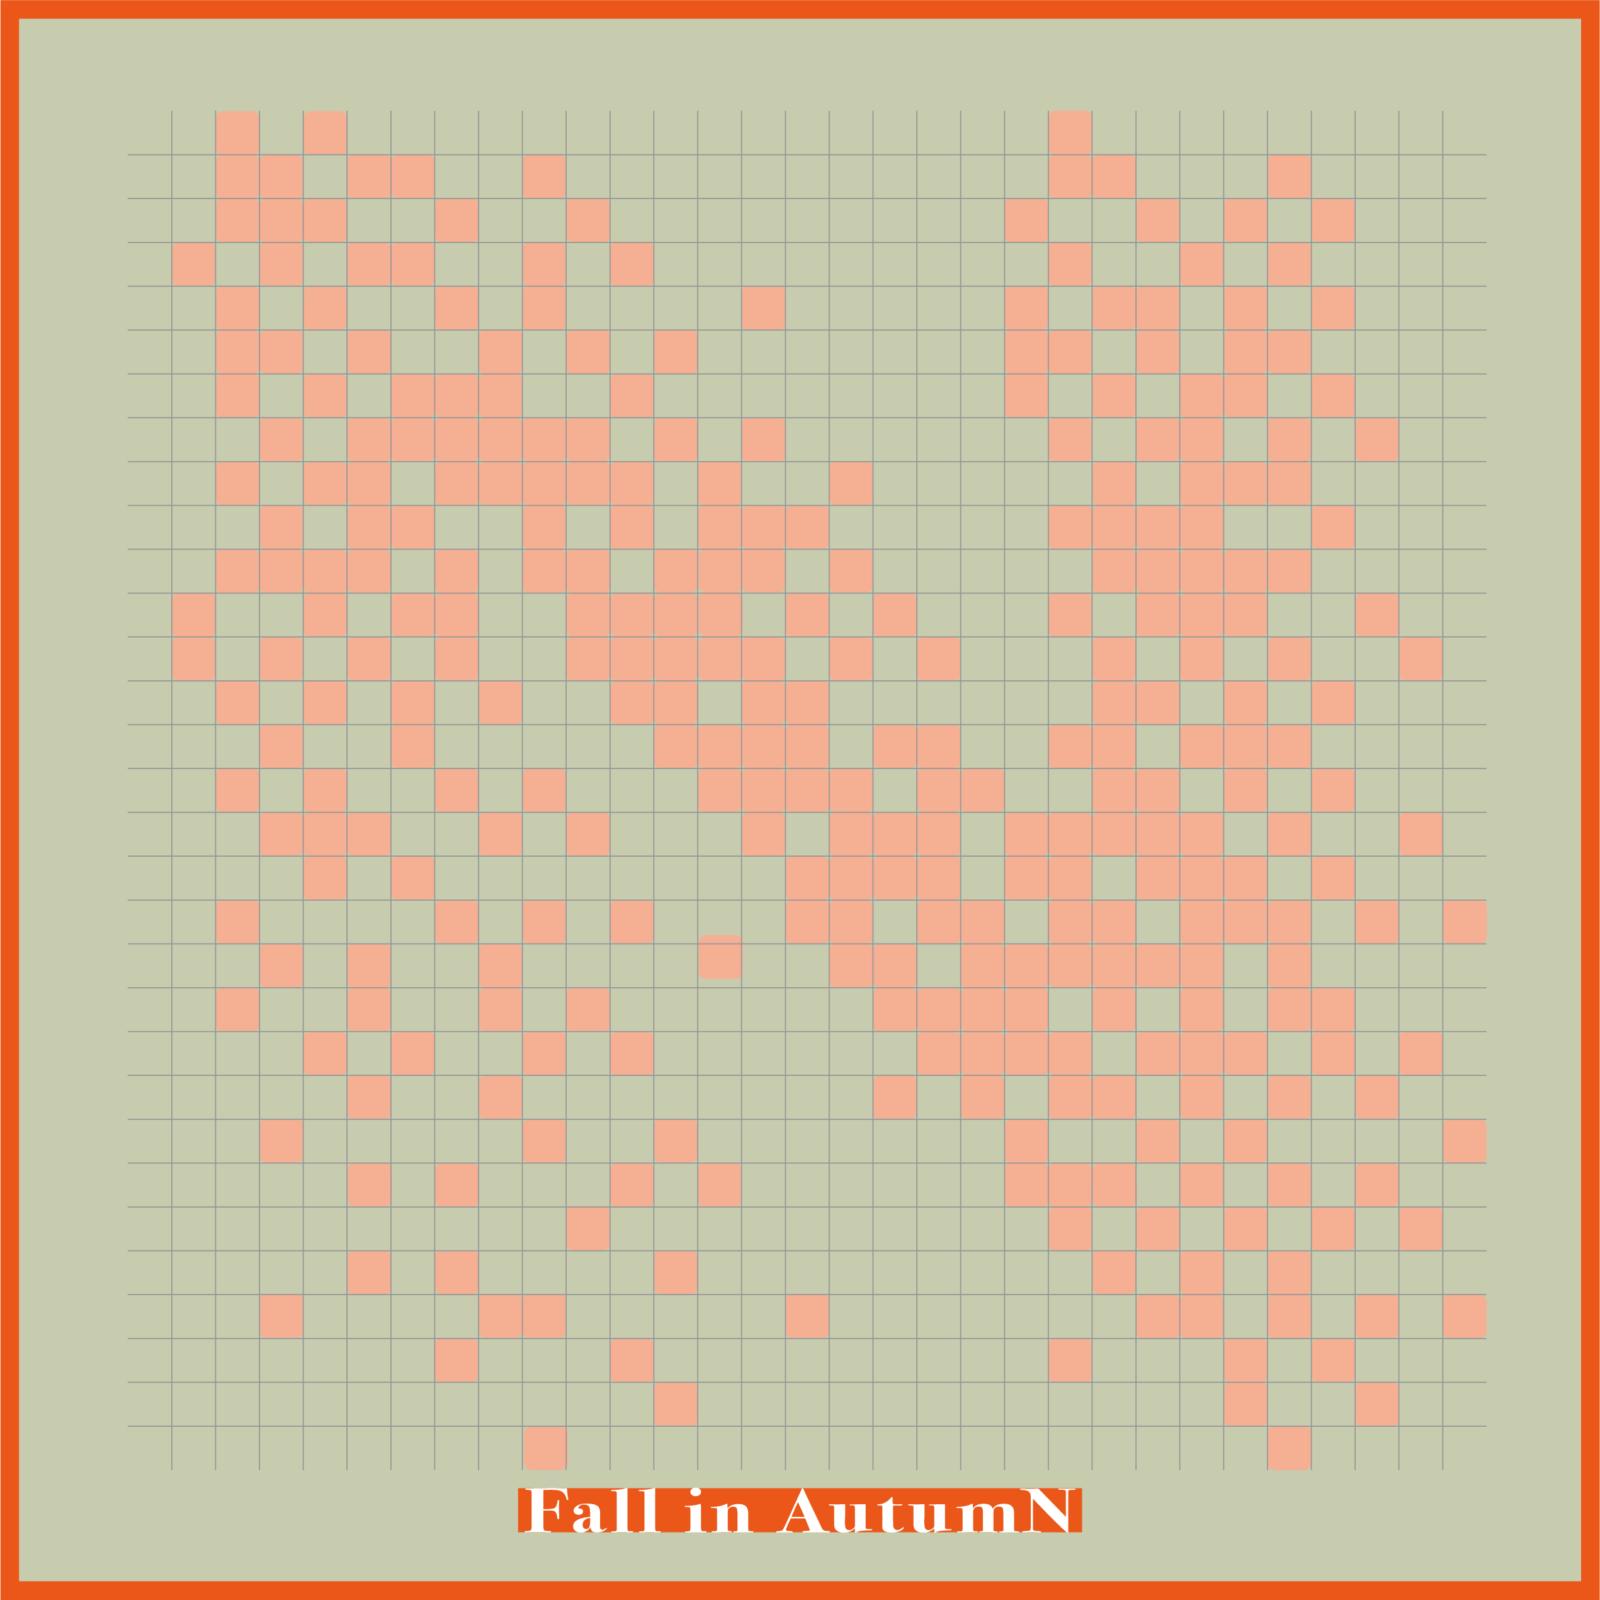 ネオクラシックの新星・N nulls、3rdアルバム「Fall in AutumN」全世界に順次配信サムネイル画像